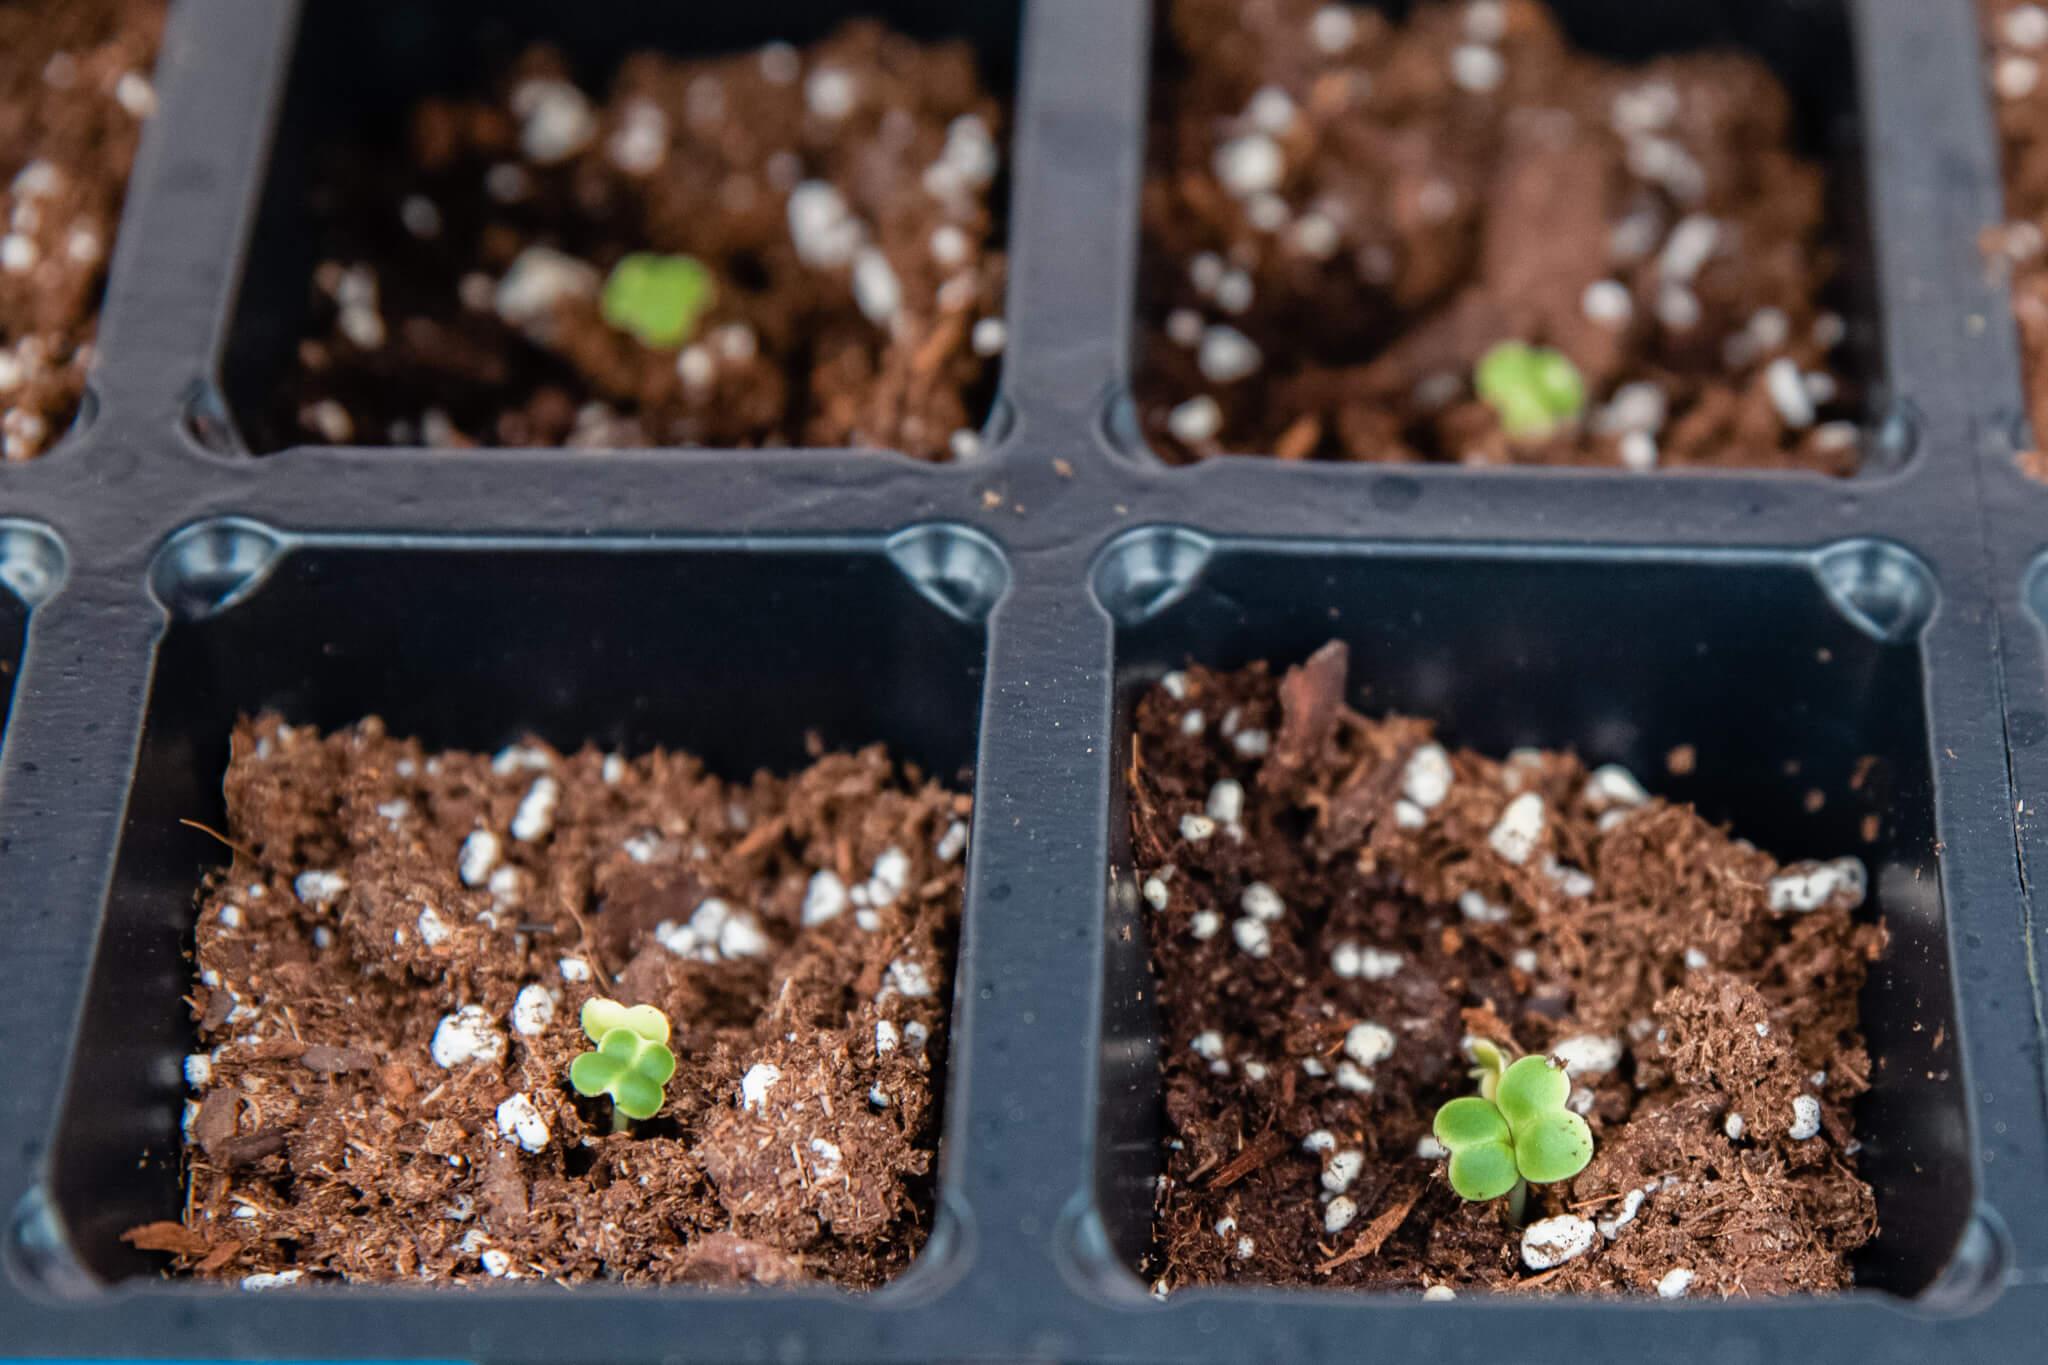 Small nursery growing.